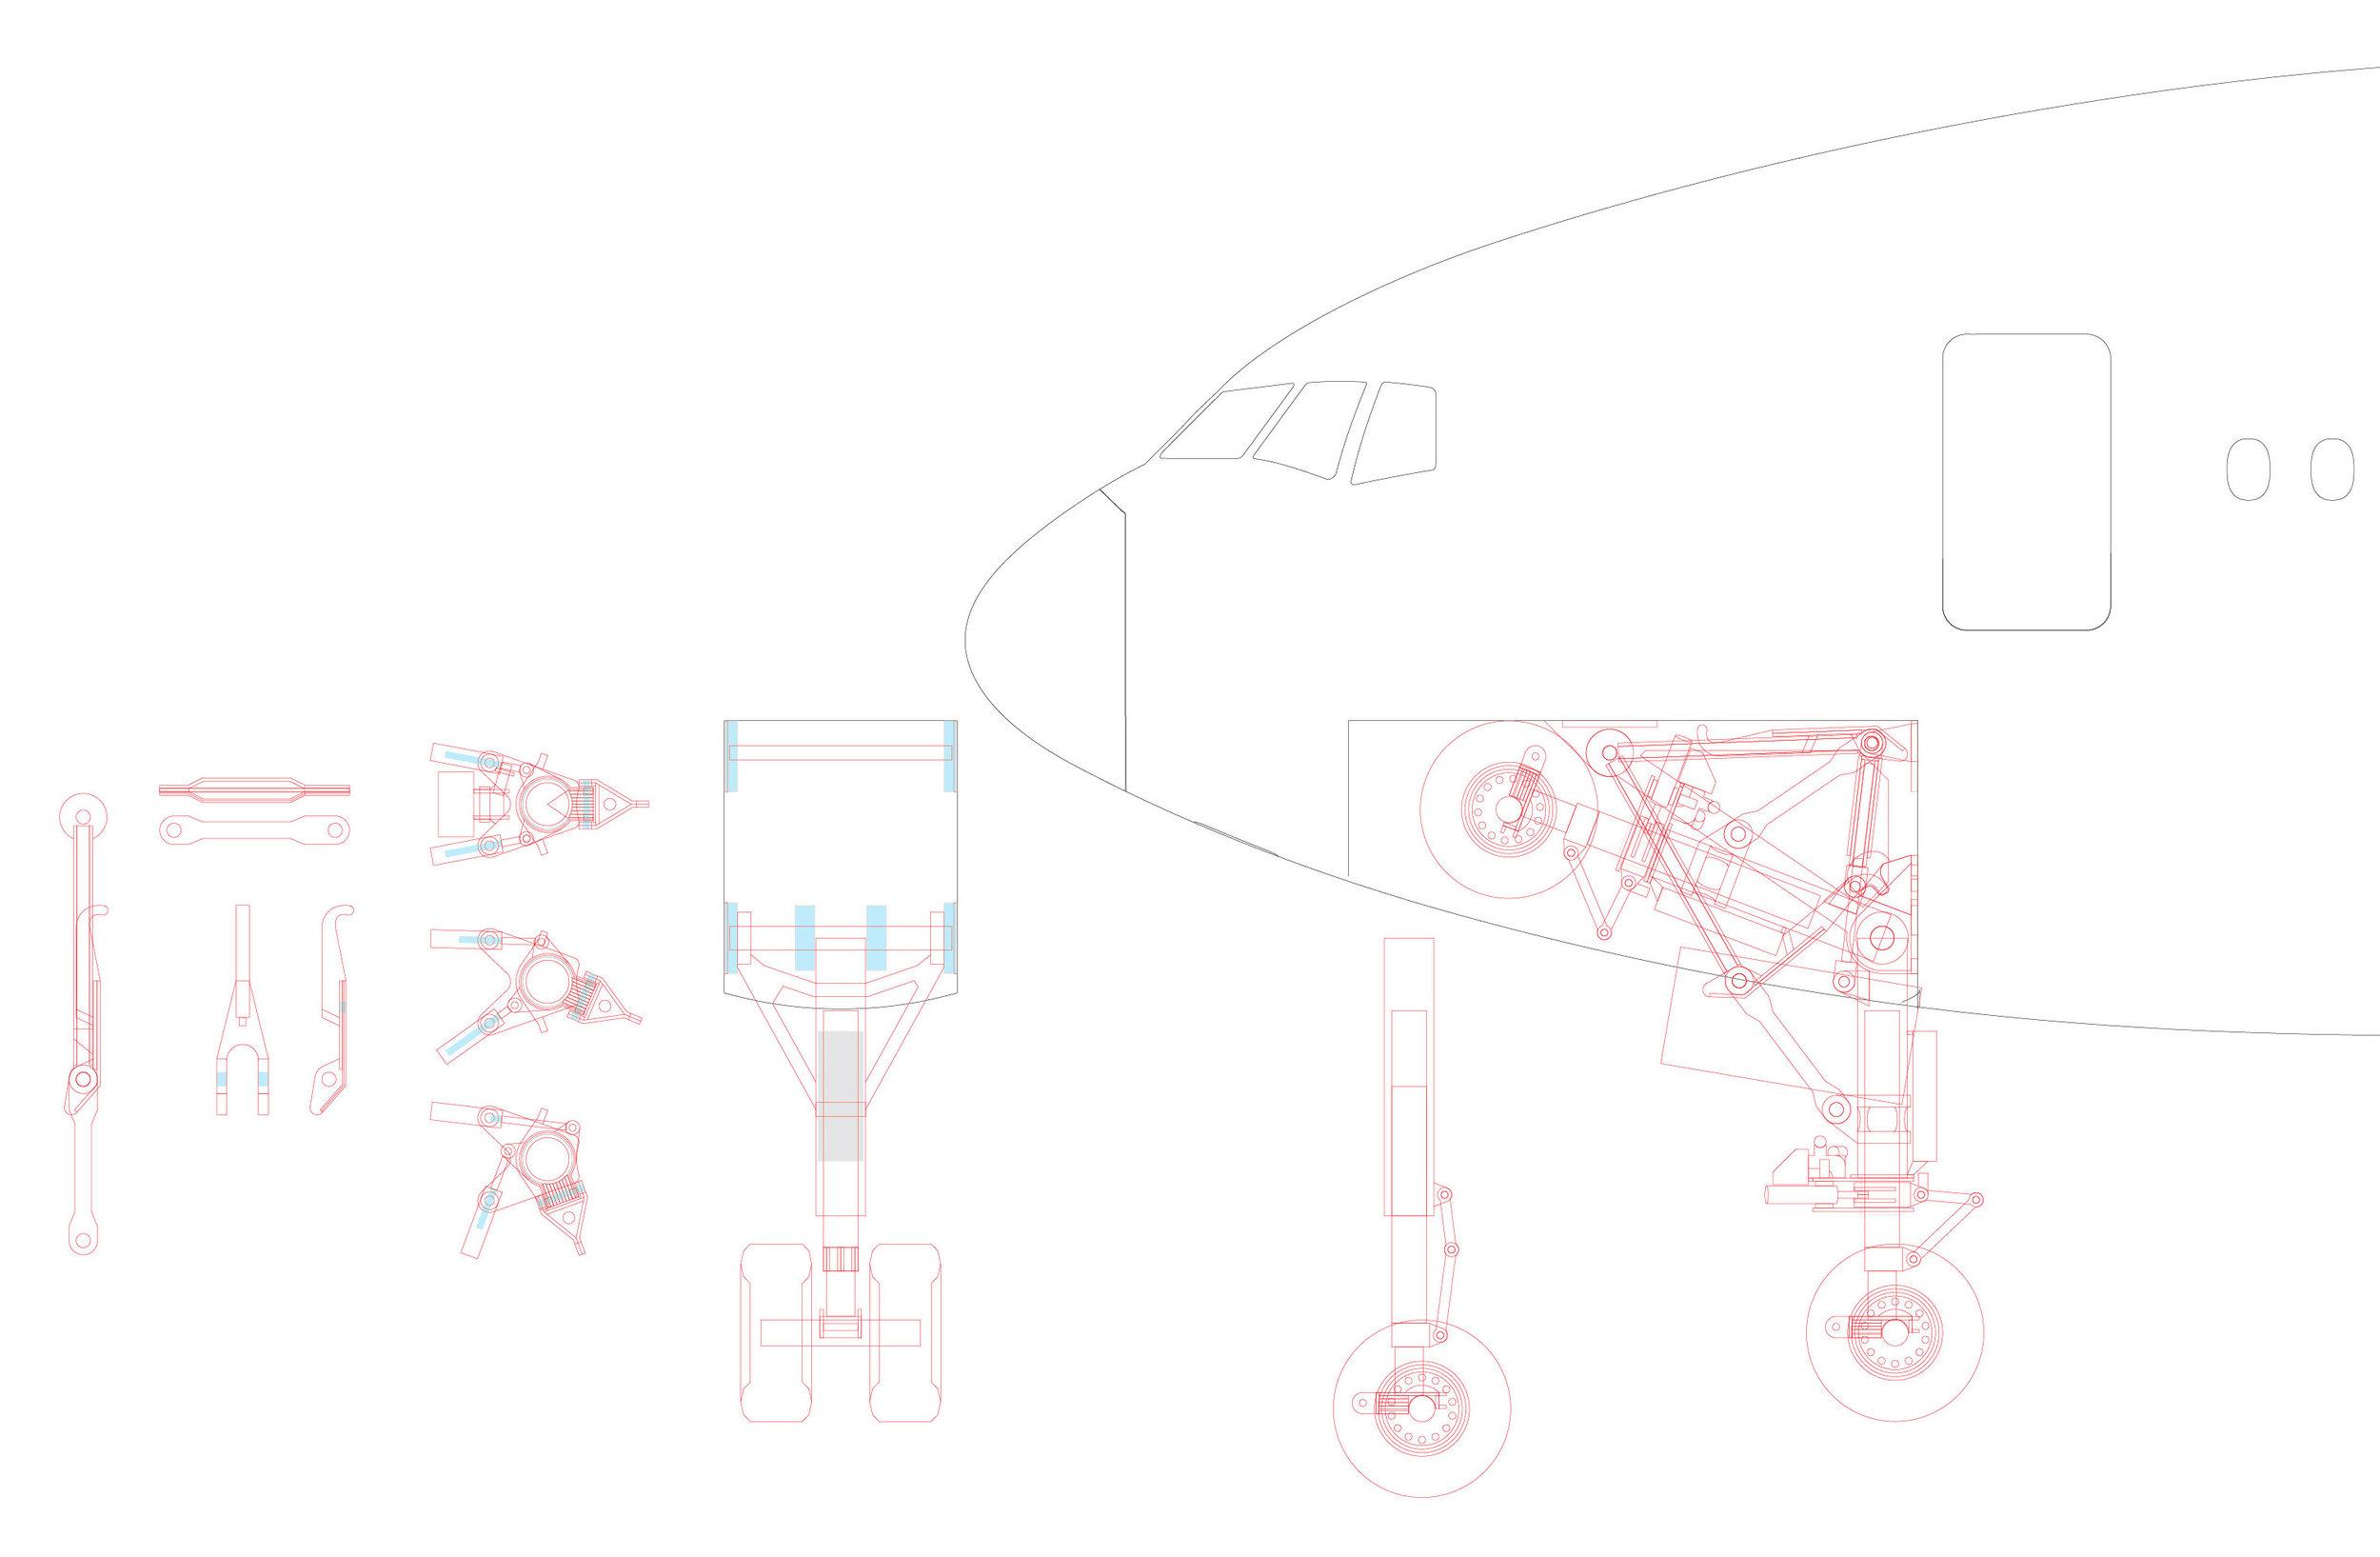 Landing gear - NLG - drawings 1.jpg